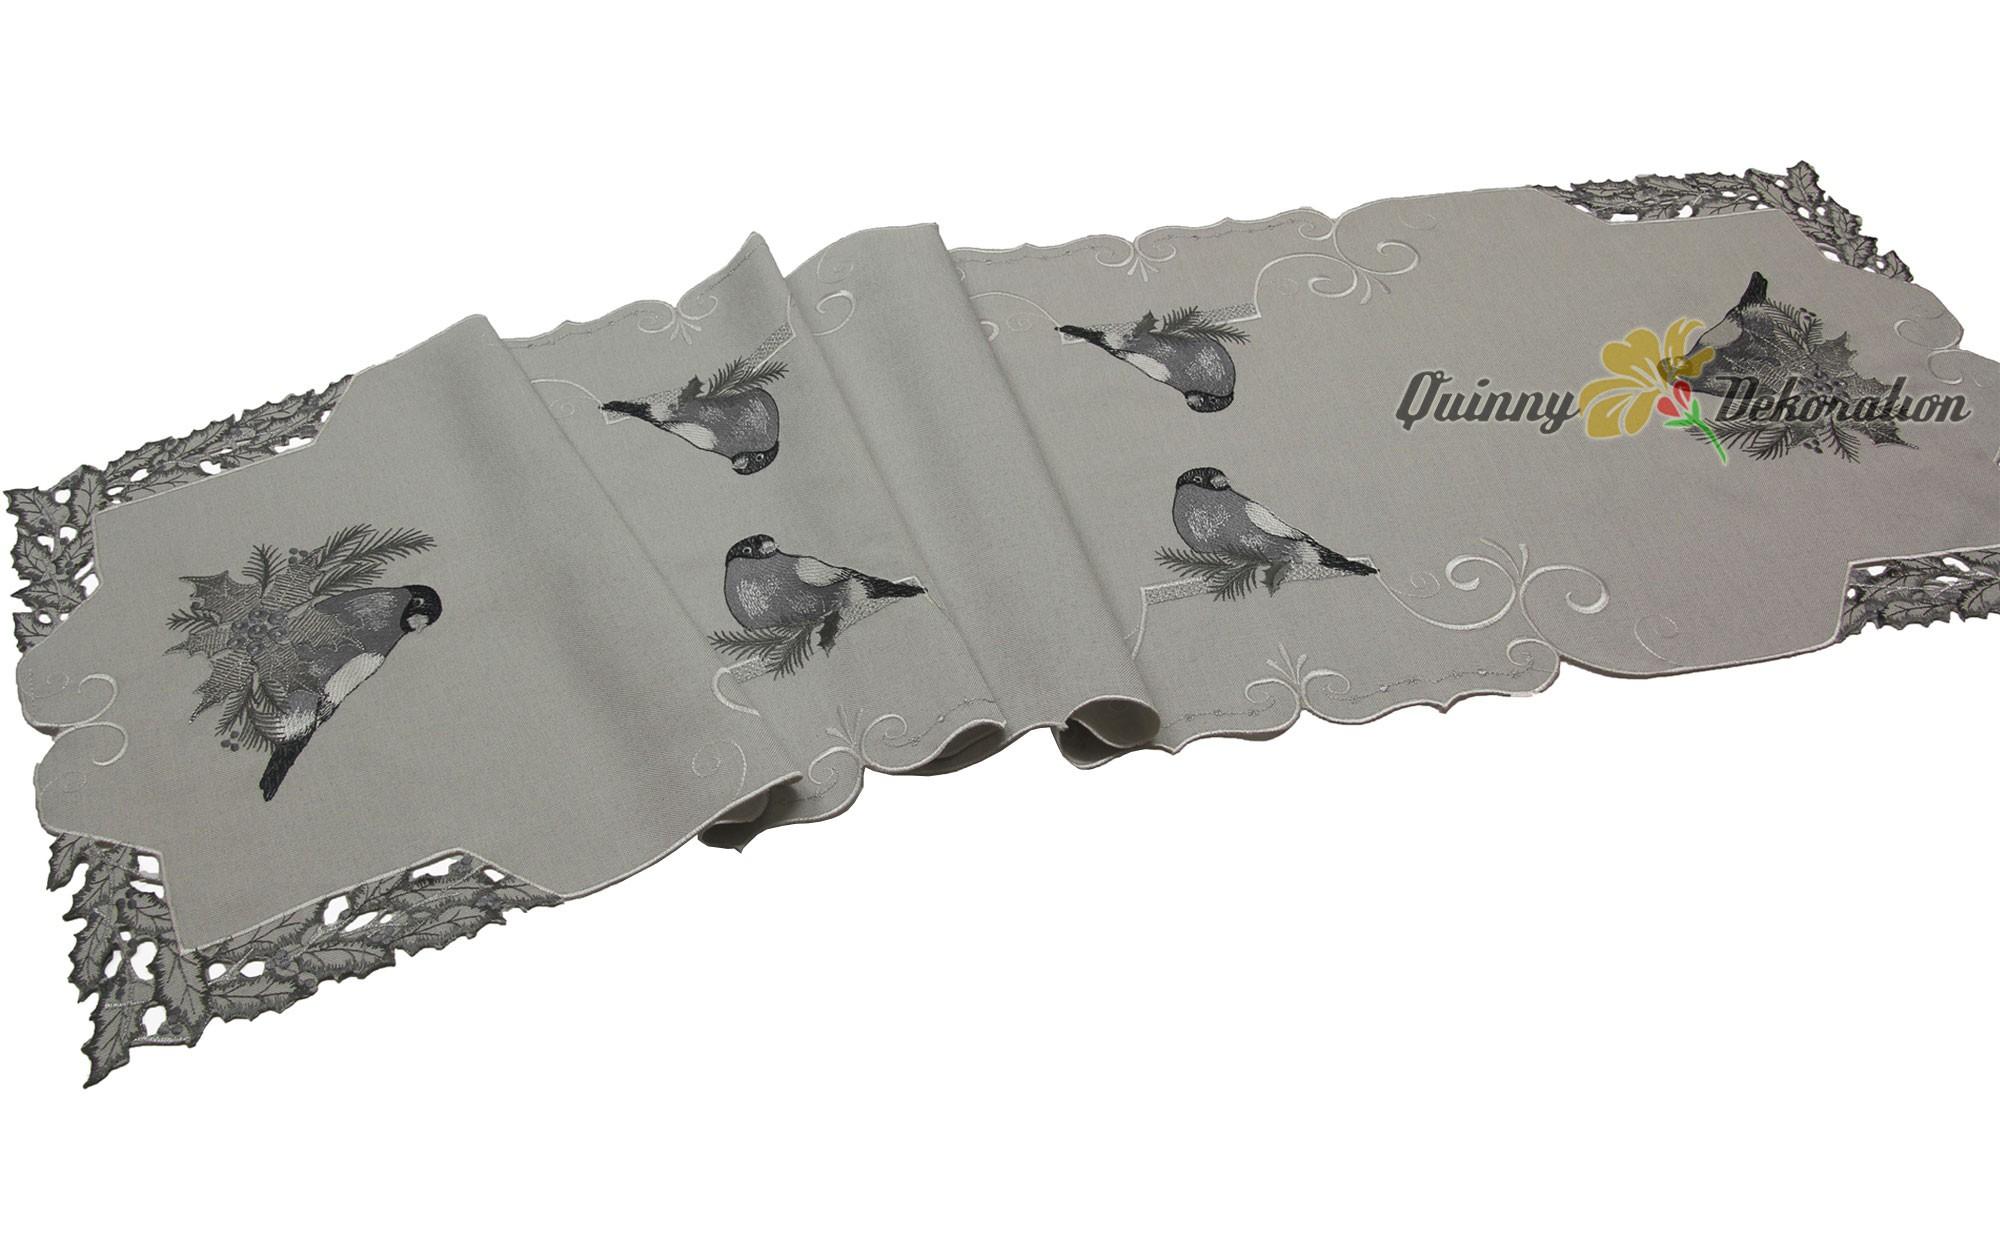 grau tischdecke tischl ufer mitteldecke kissenh lle leinen optik winter vogel ebay. Black Bedroom Furniture Sets. Home Design Ideas